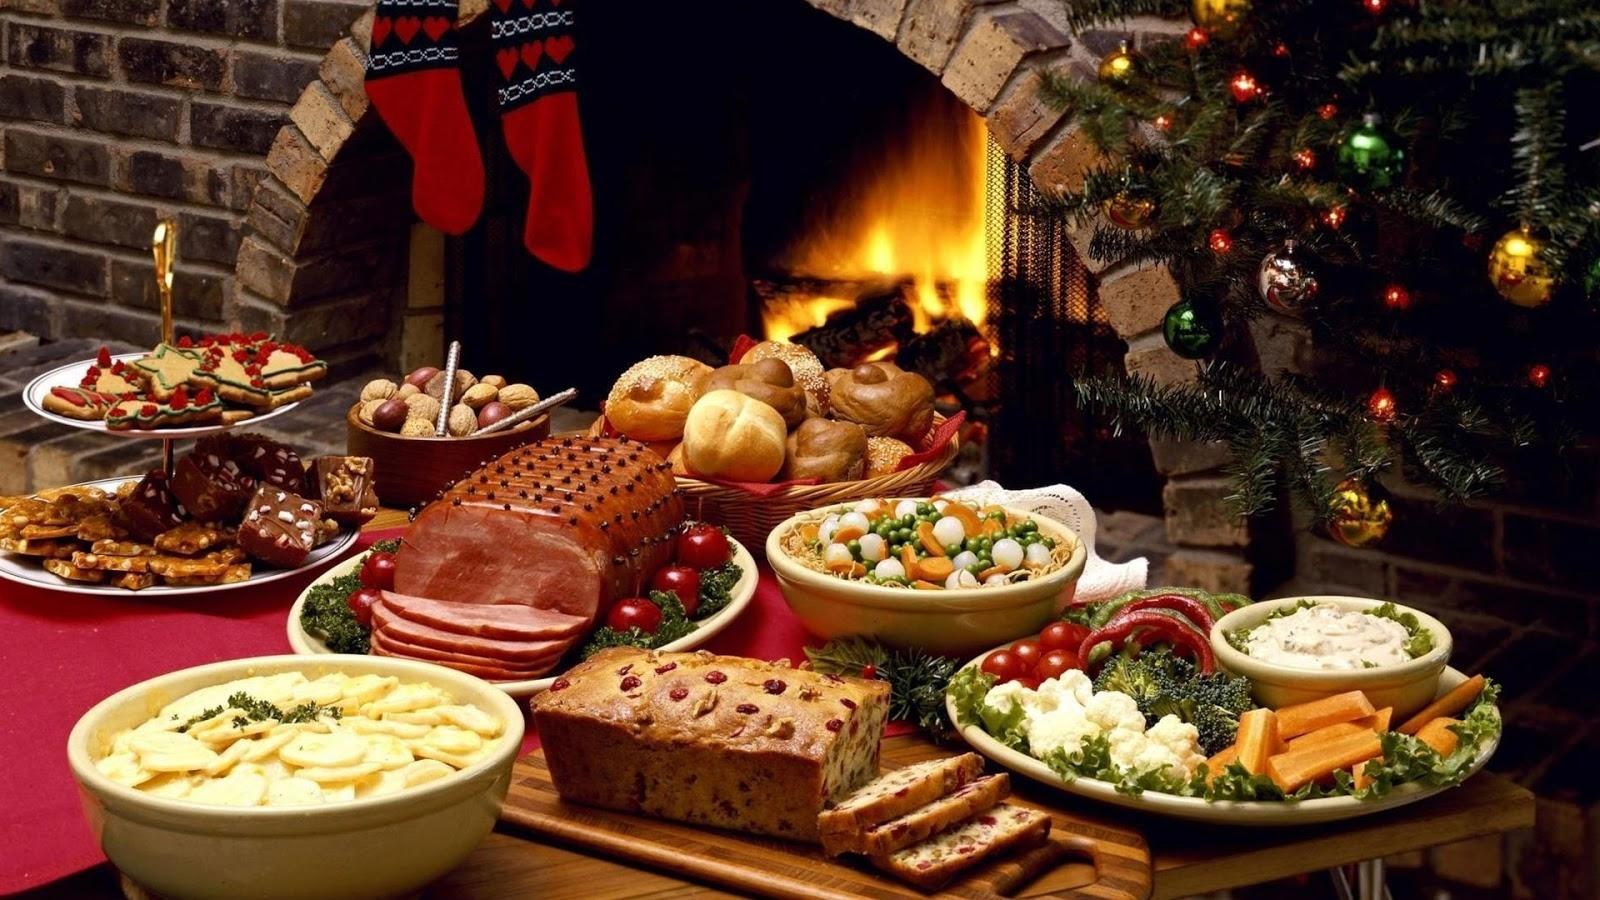 Posadas, Navidad, Año Nuevo… ¡A celebrar!